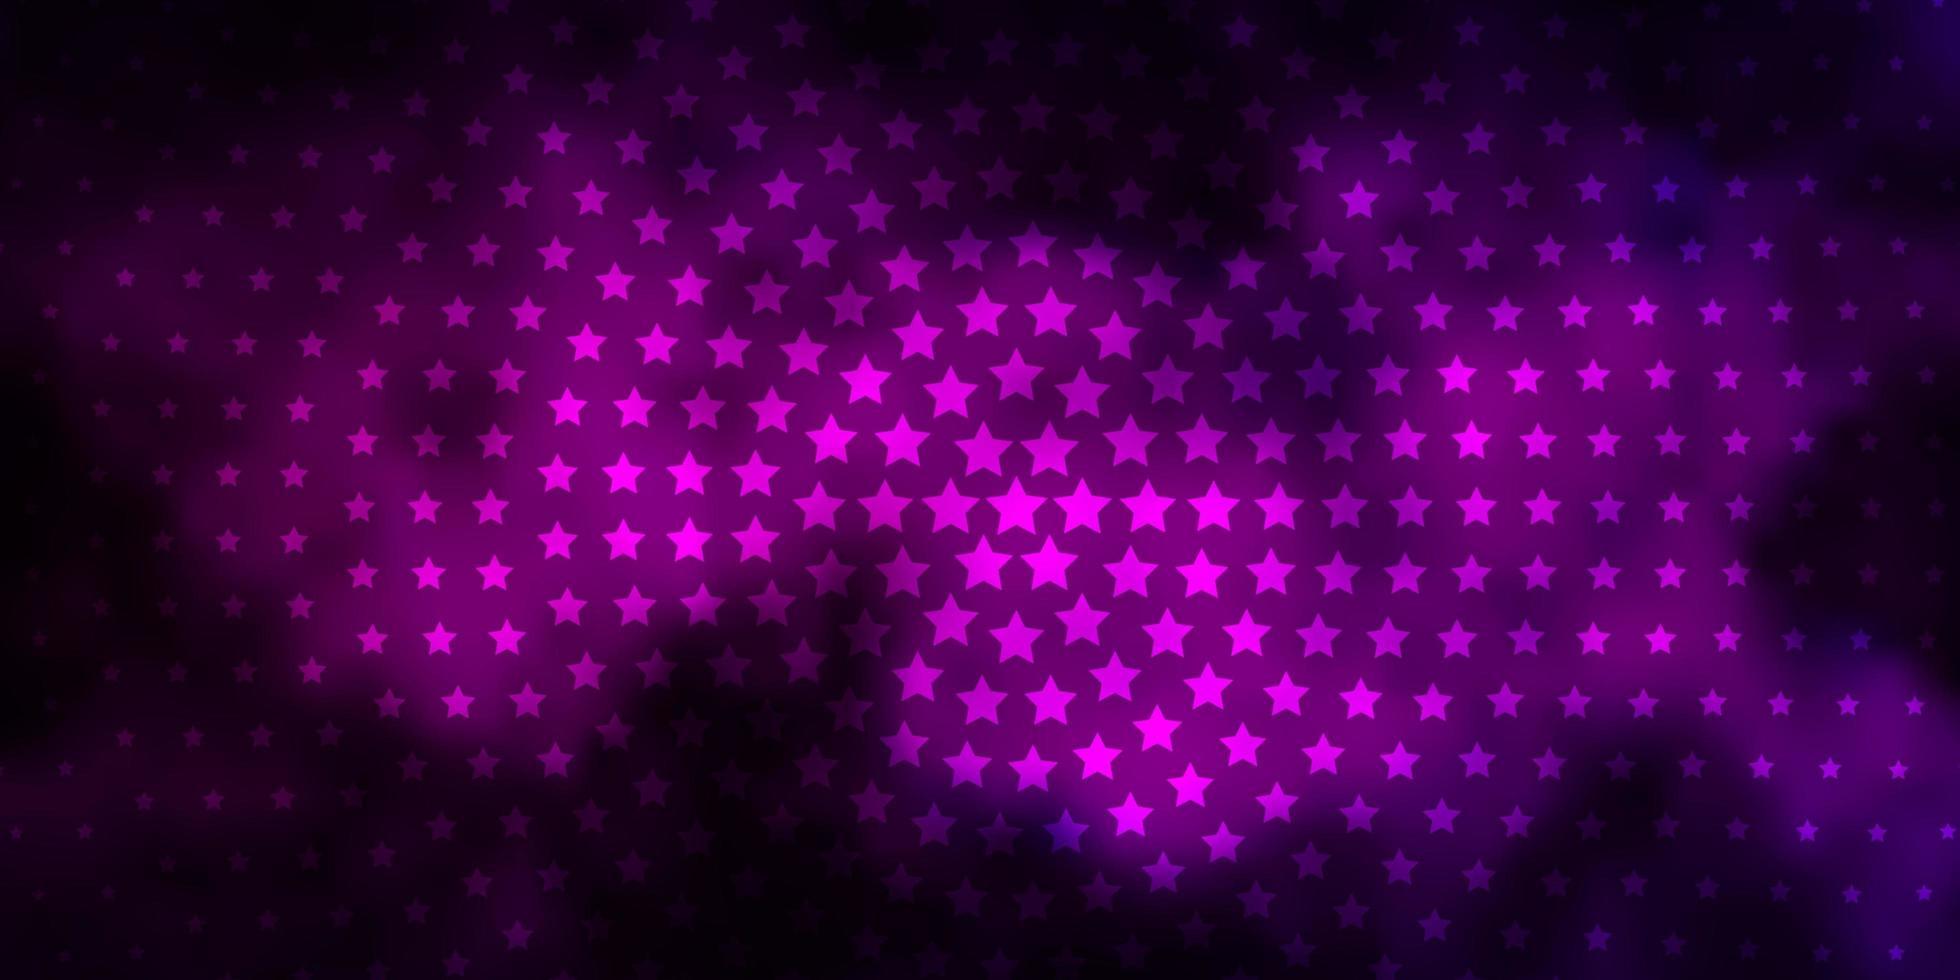 diseño vectorial de color rosa oscuro con estrellas brillantes. vector